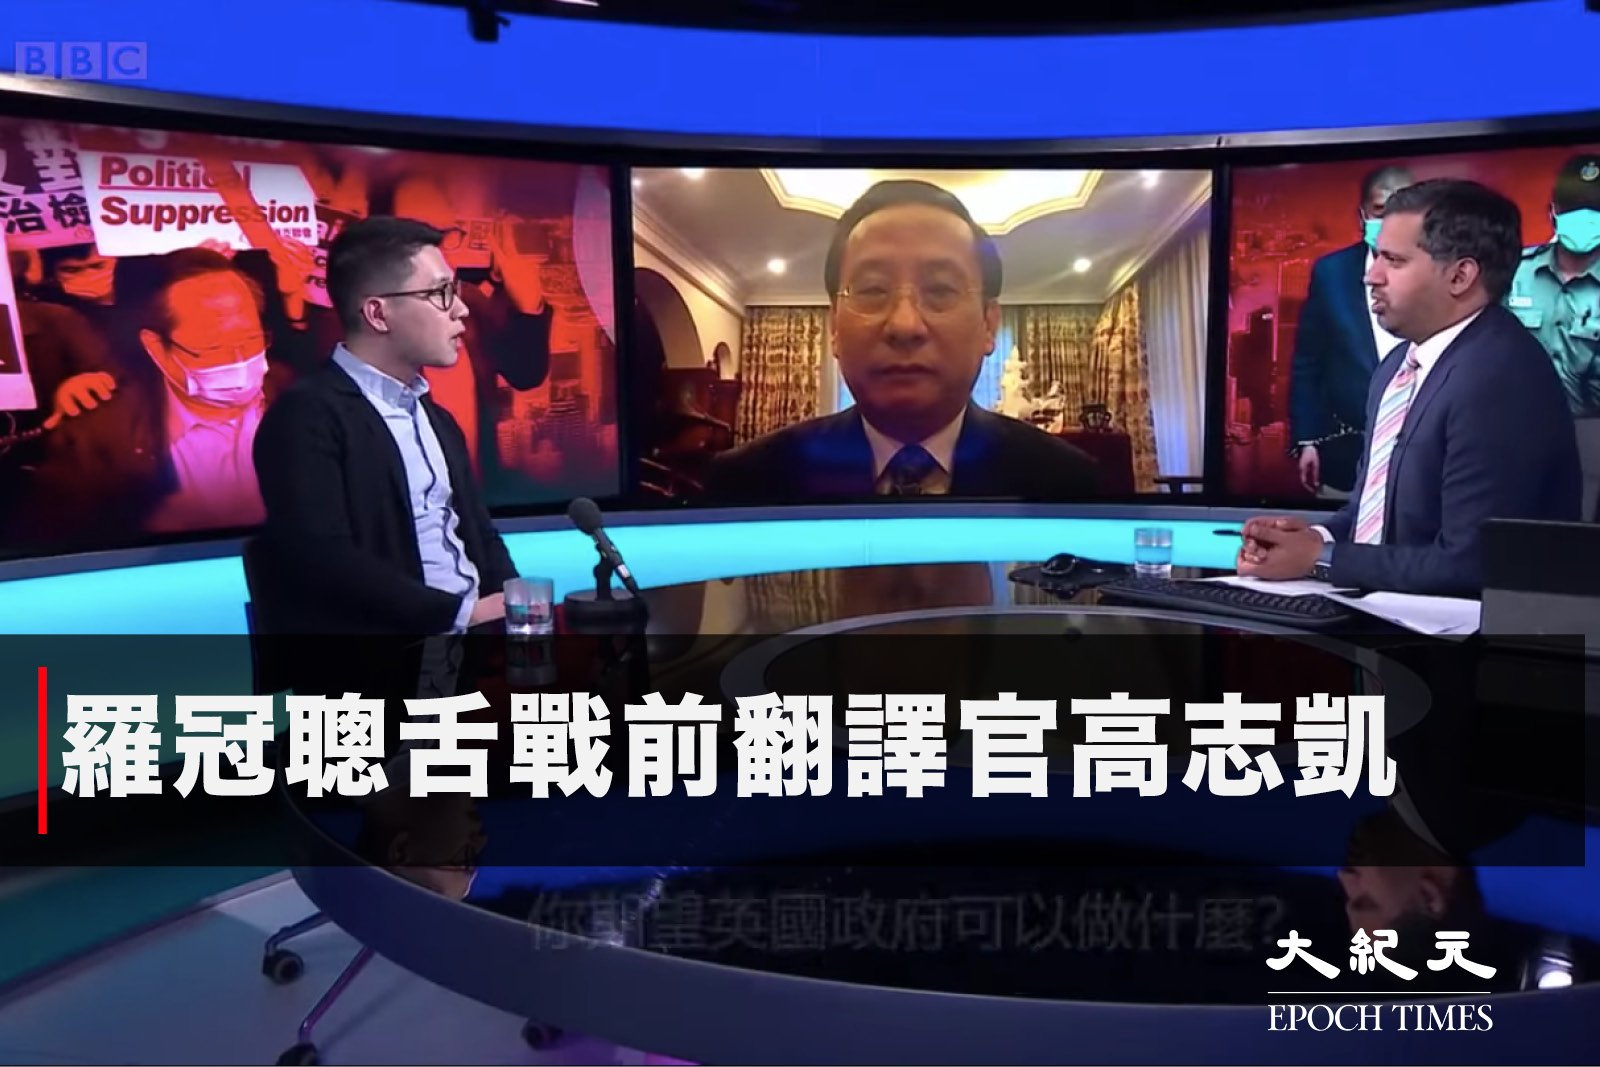 BBC Newsnight邀請羅冠聰和鄧小平翻譯官高志凱,討論香港局勢及818維園集會案。高志凱直呼羅冠聰為「國安法下的逃犯」。(BBC節目截圖;大紀元製圖)